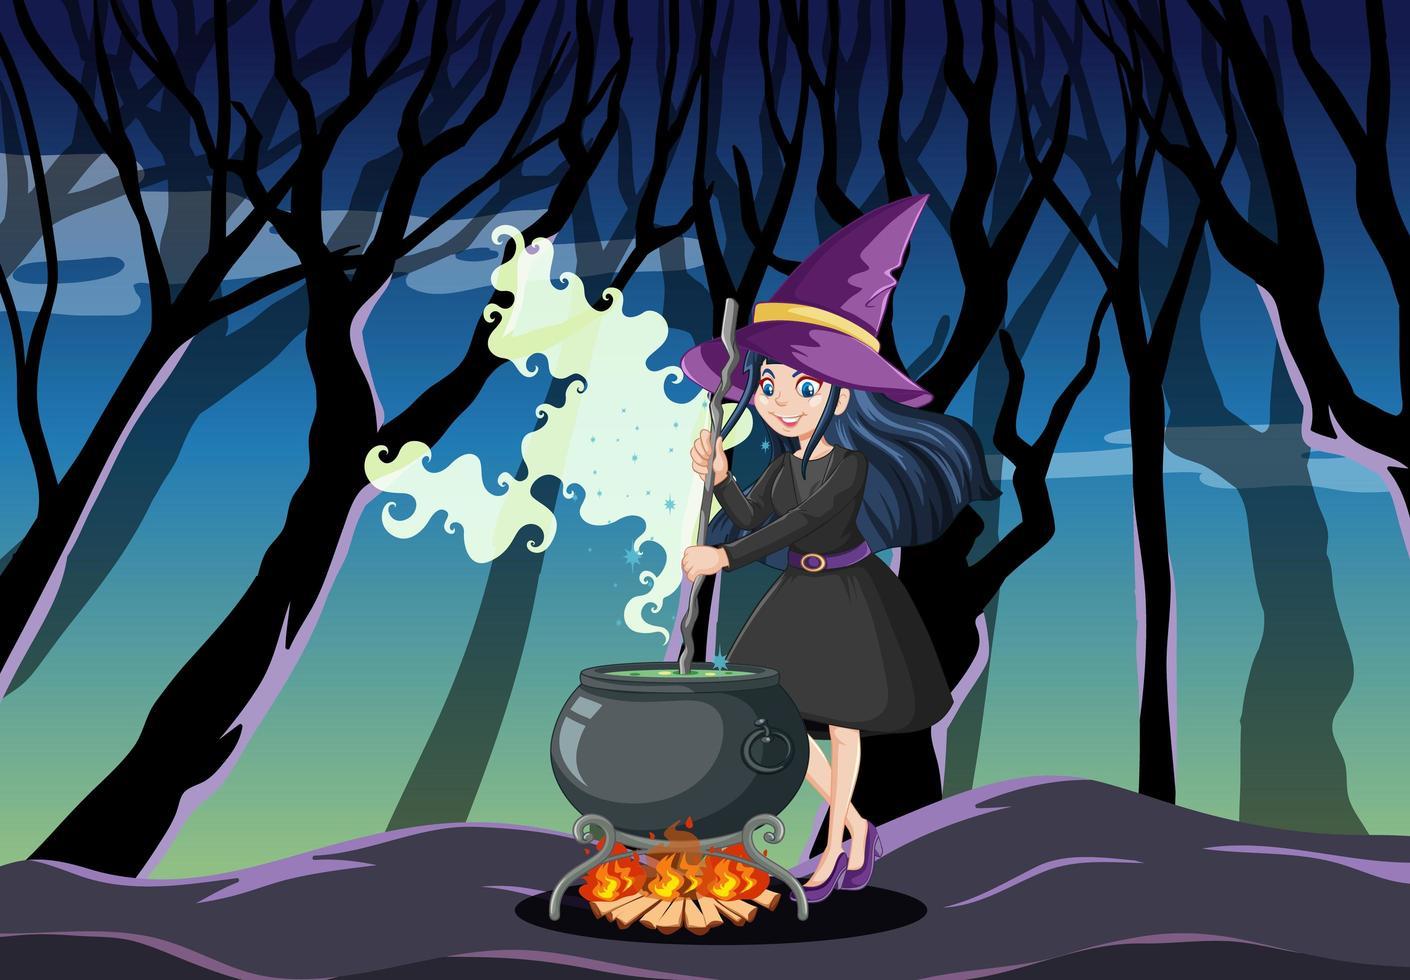 junge schöne Hexe mit schwarzem magischen Topfkarikaturstil auf dunklem Dschungelhintergrund vektor